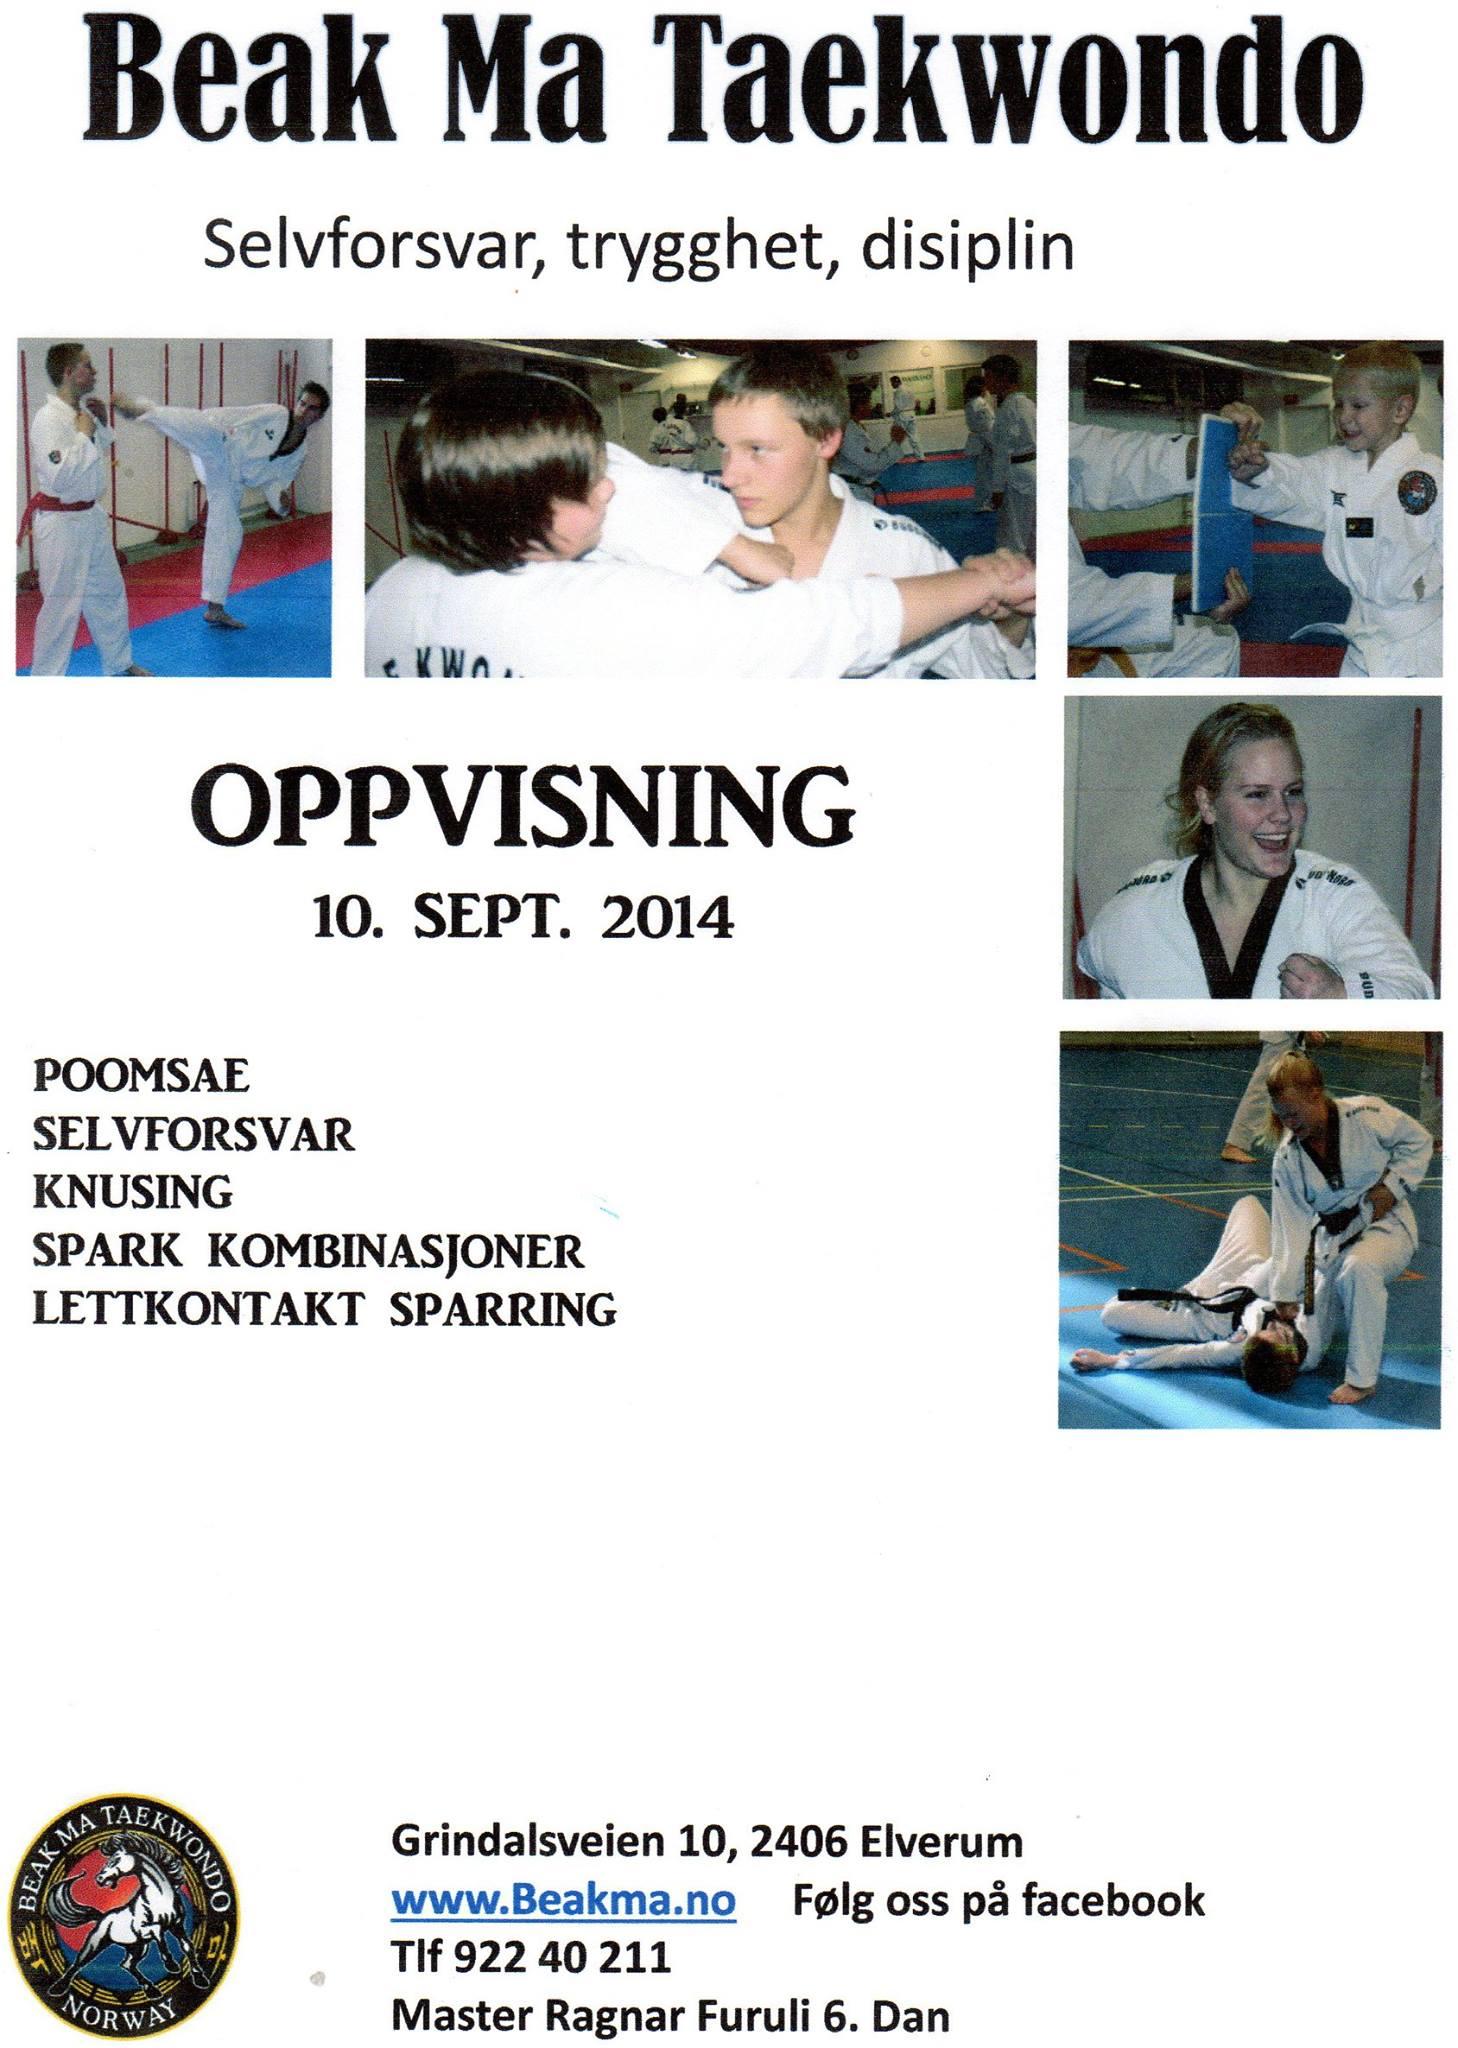 Oppvisning 10.09.2014